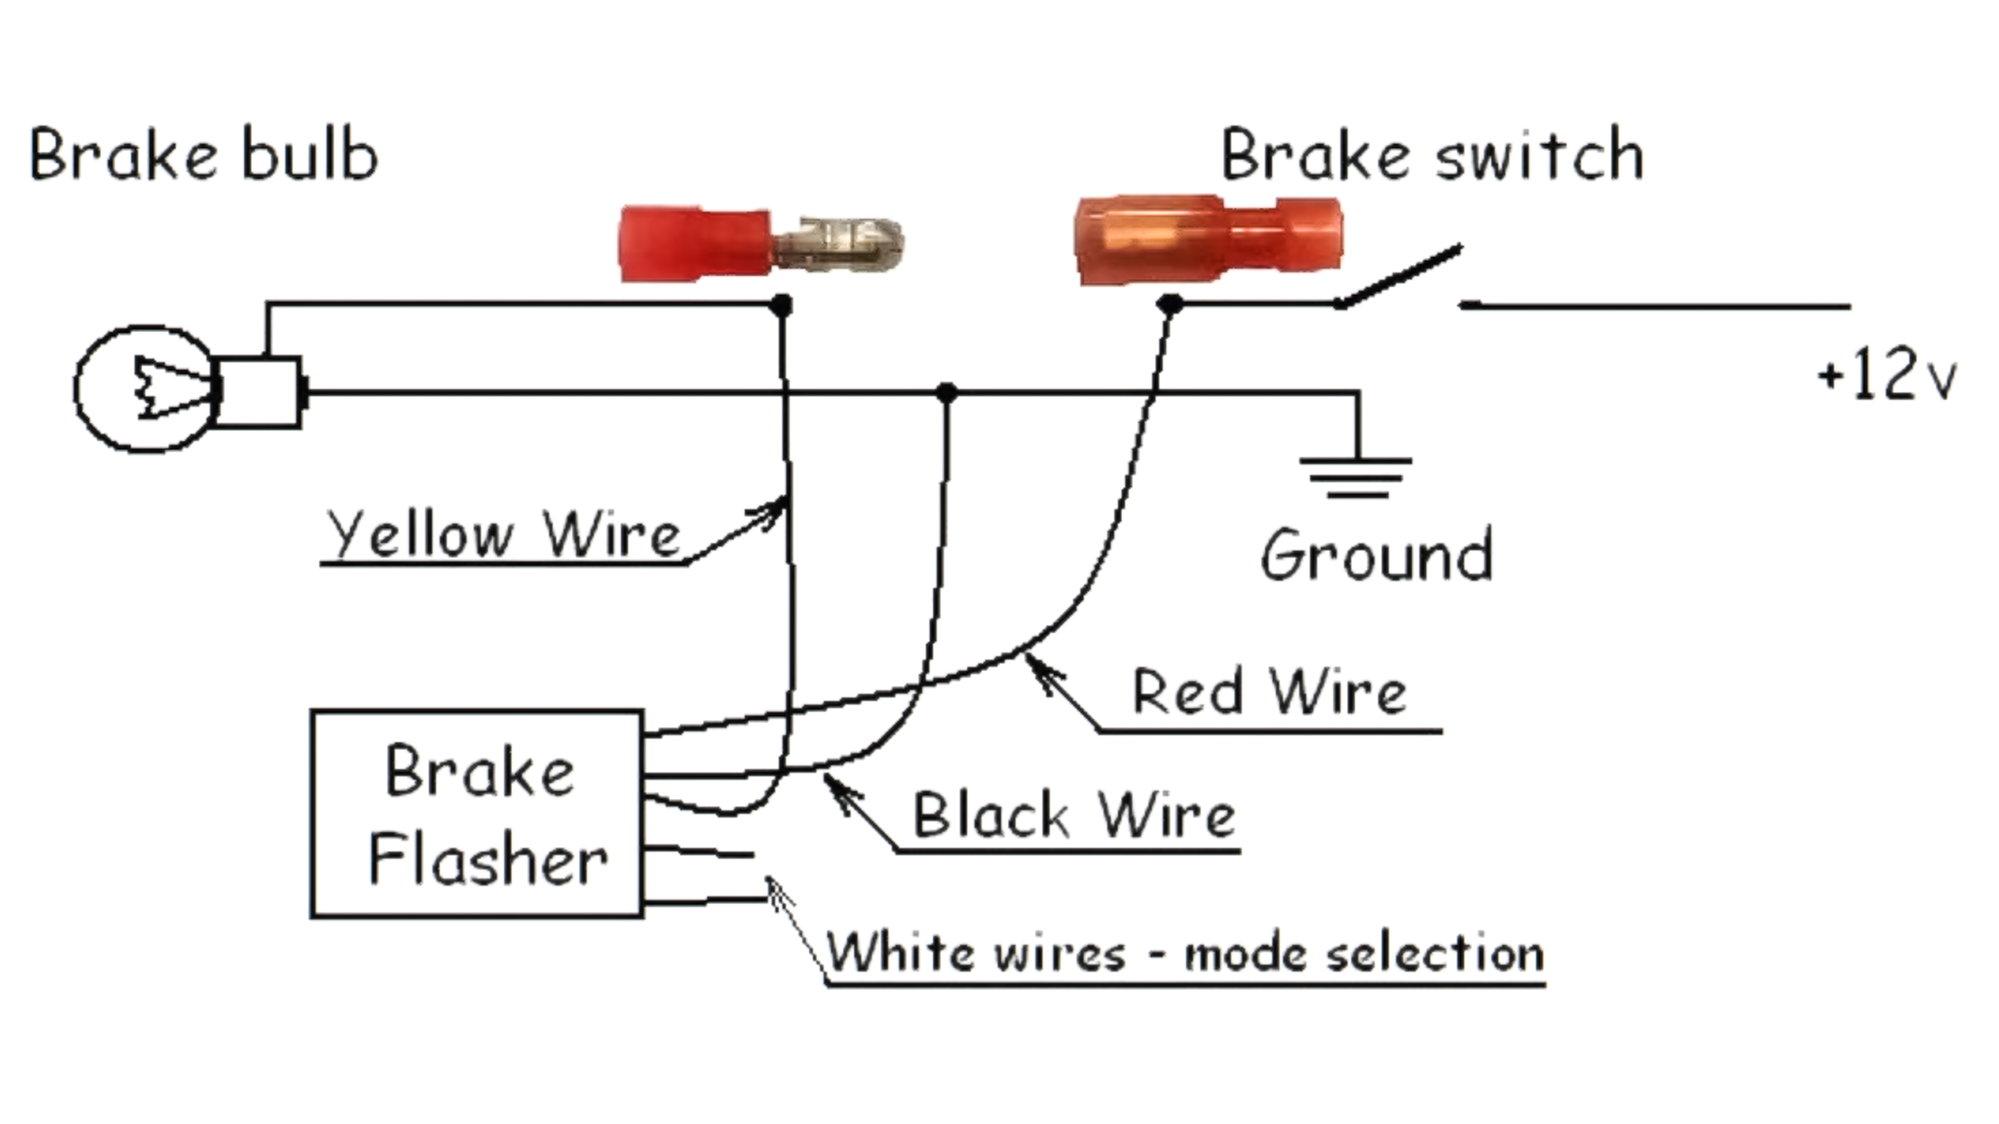 brake light wiring diagram third brake light flasher myg37 brake light wiring diagram mustang third brake light flasher myg37